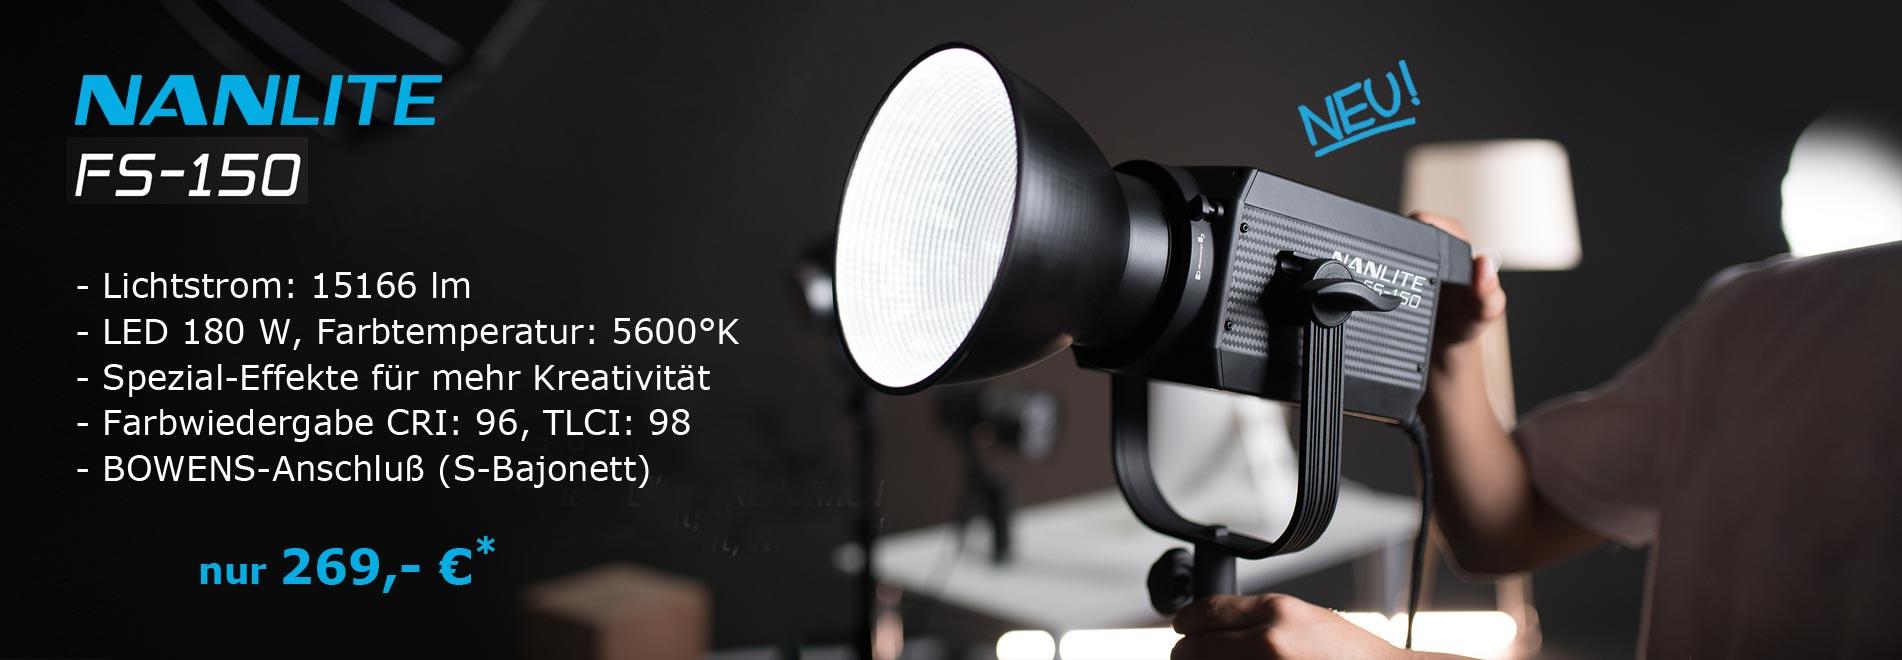 LED Studioleuchte NANLITE FS-150